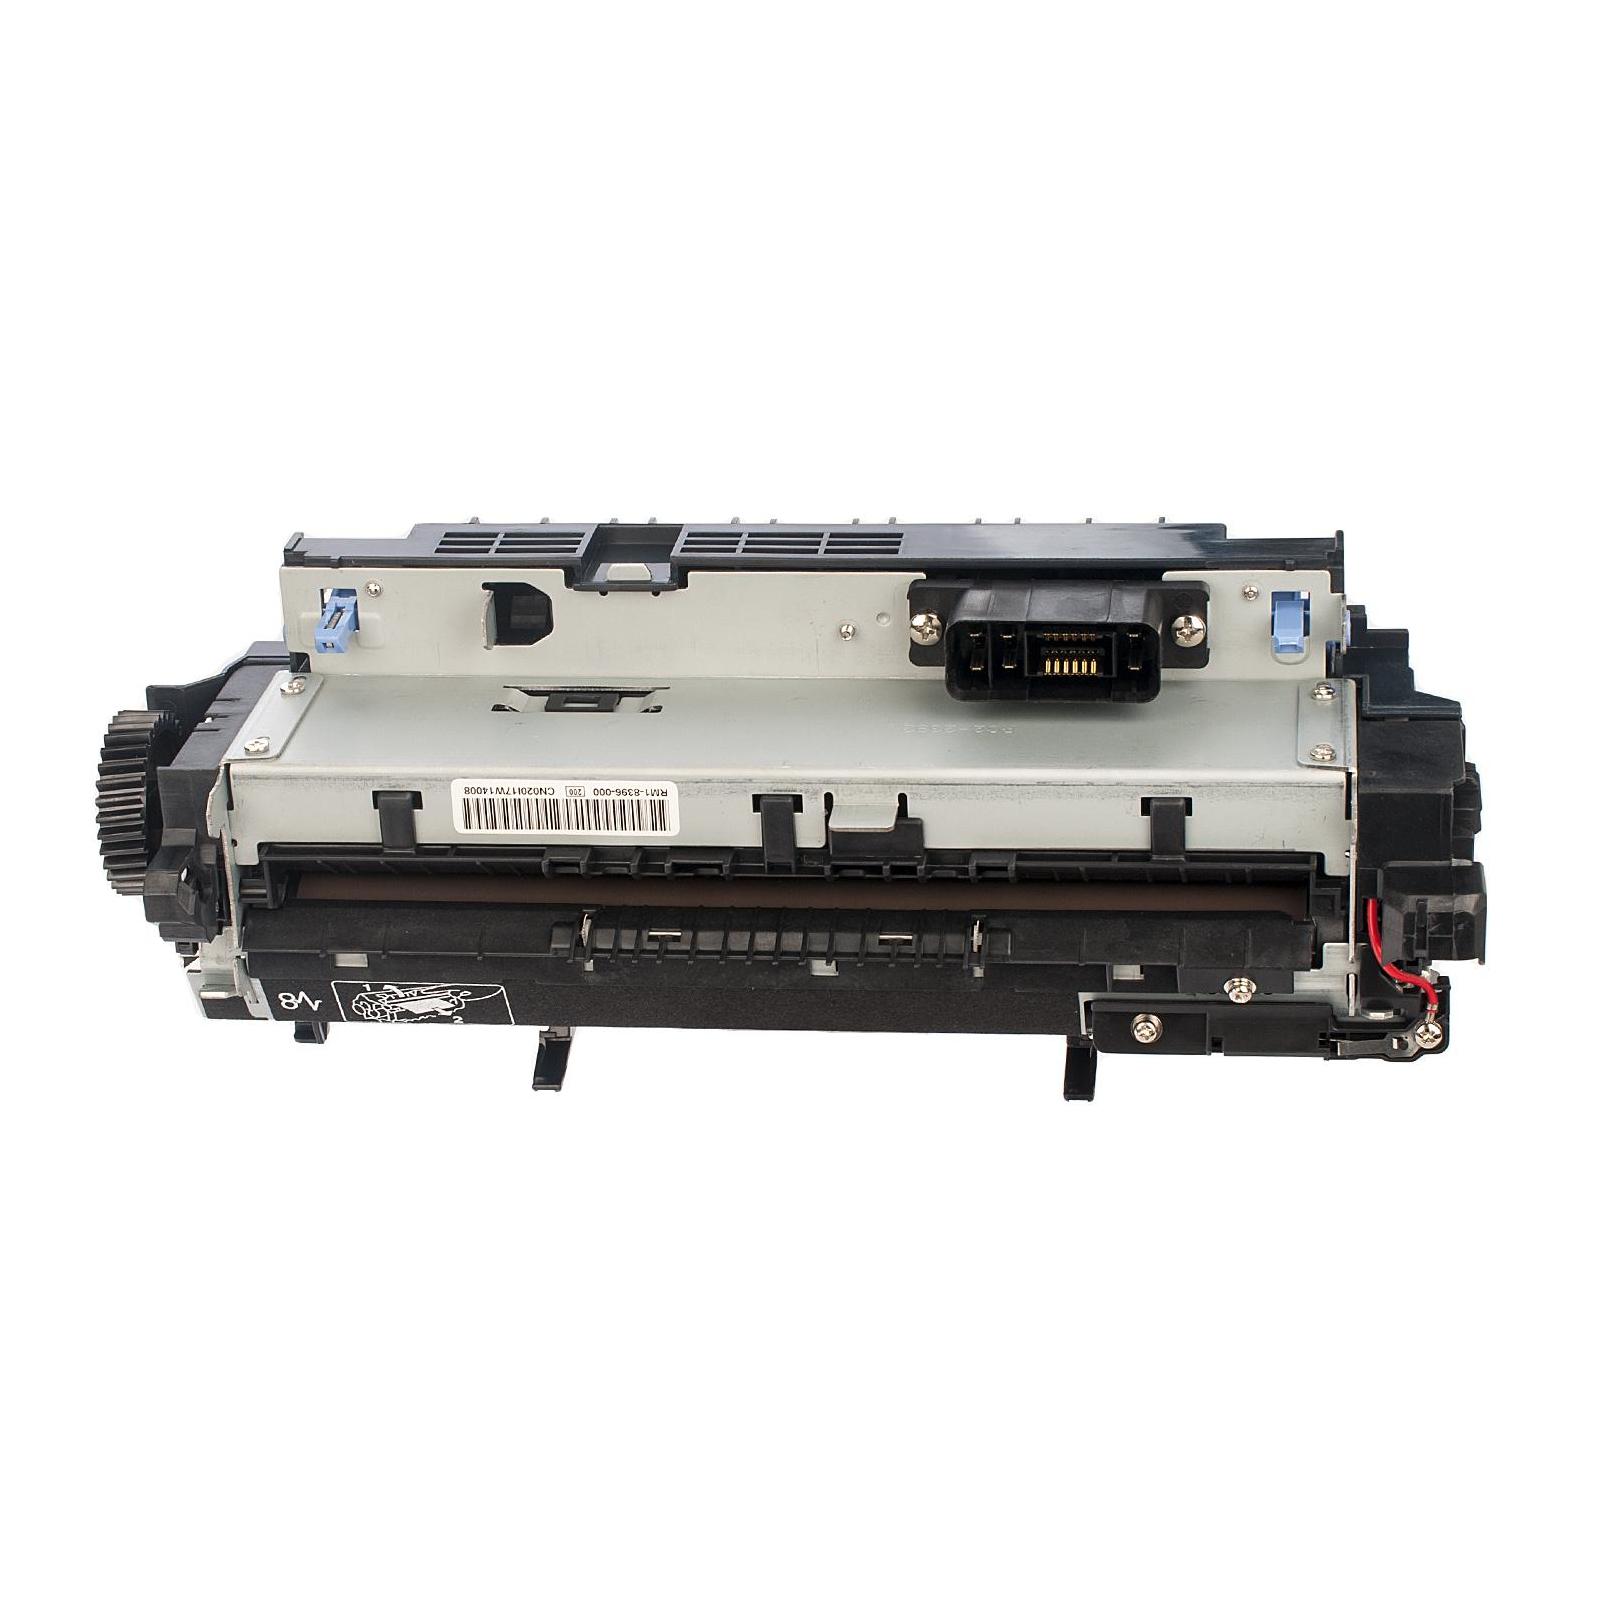 Узел закрепления изображения HP LJ M601/M602/M603 CET2436 (RM1-8396) CET (CET2436) изображение 2